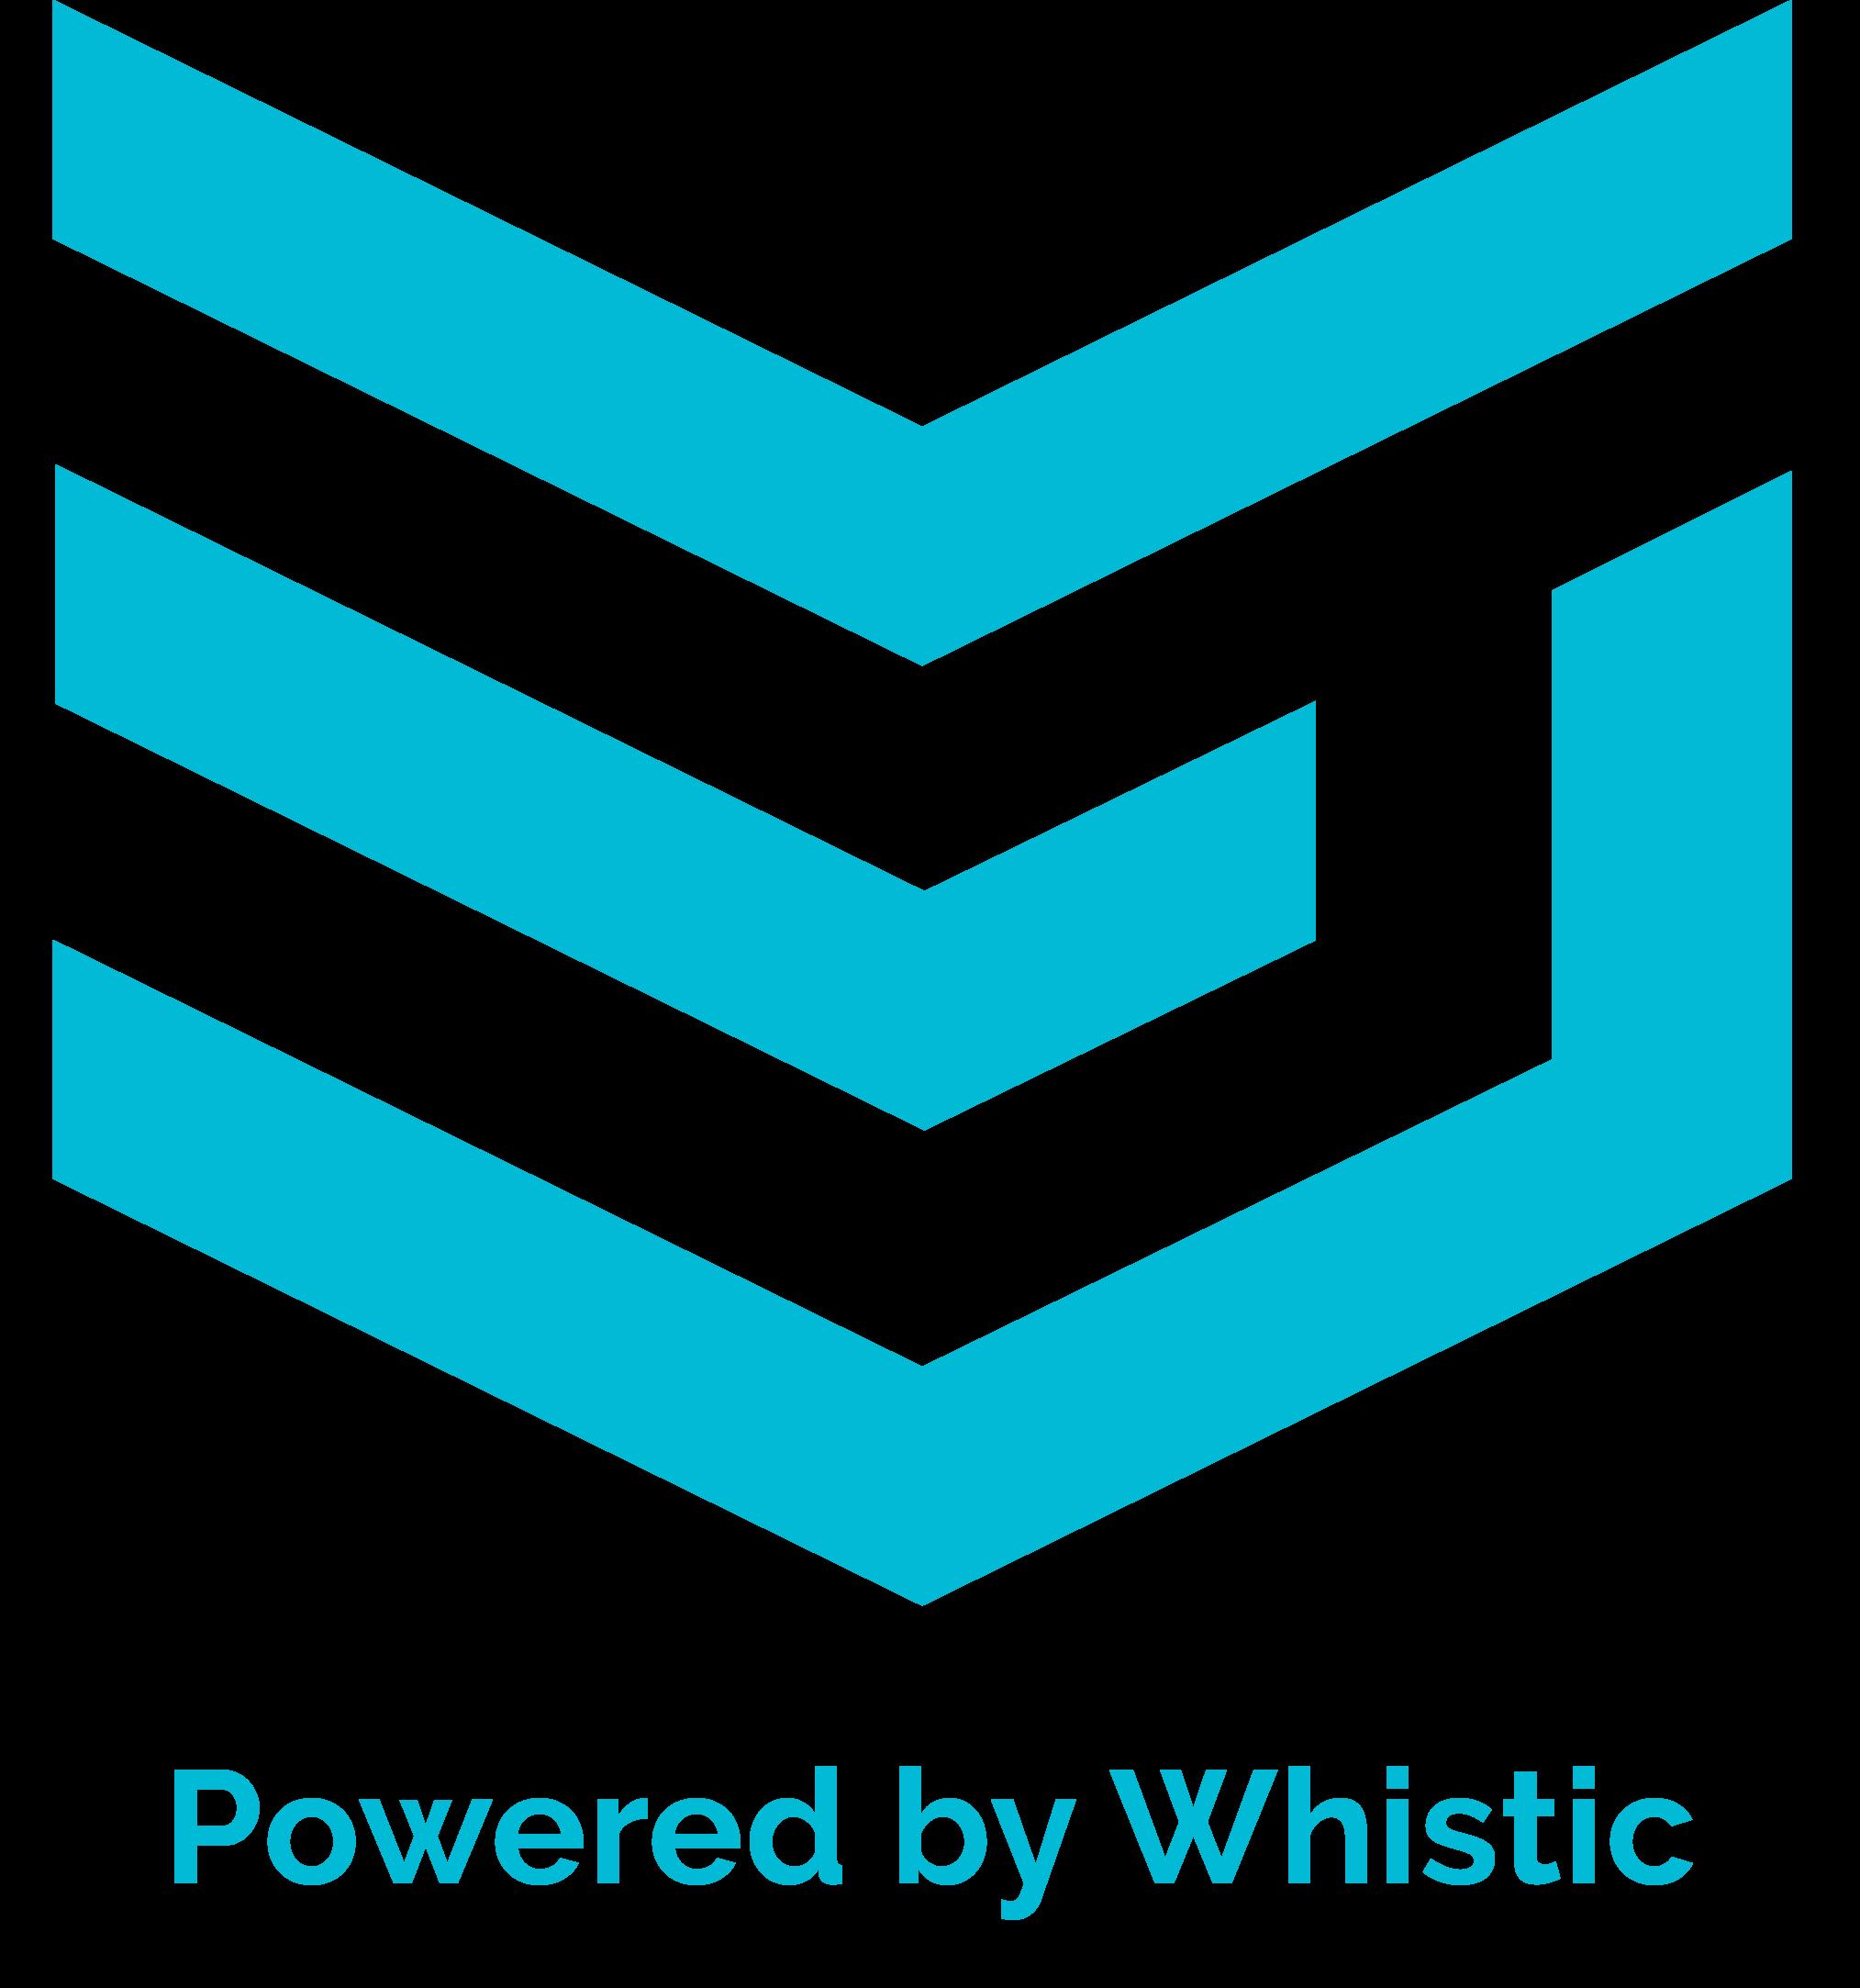 Логотип CyberGRX